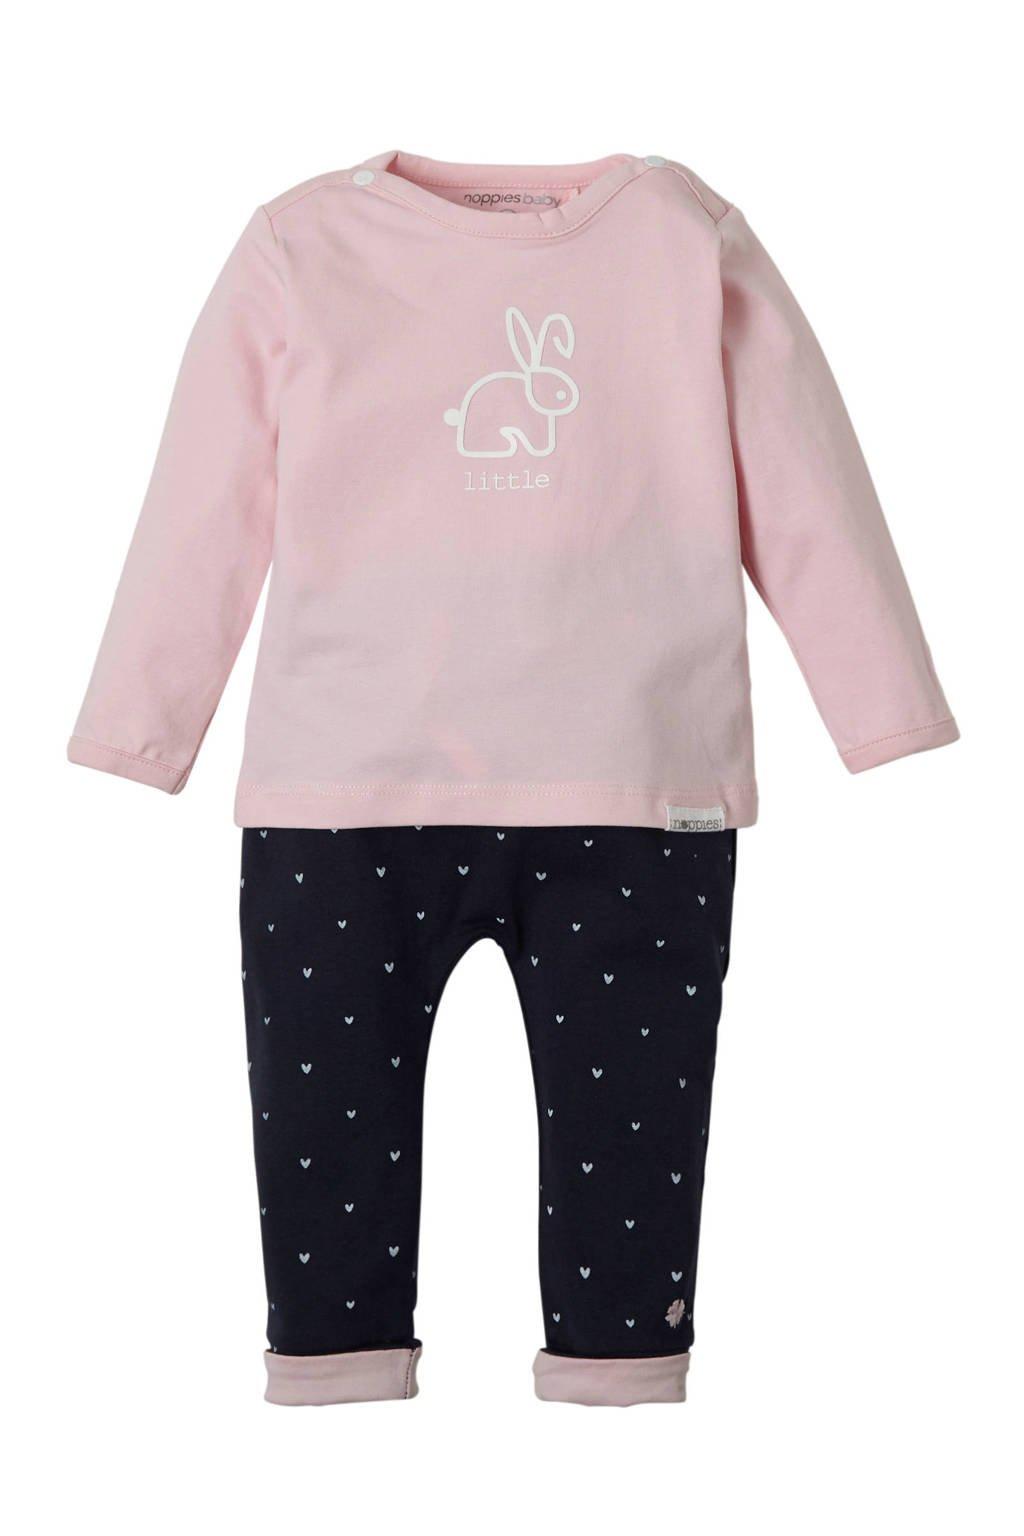 Noppies newborn baby jersey broek Fecan met strepen, Roze/ marine/ wit